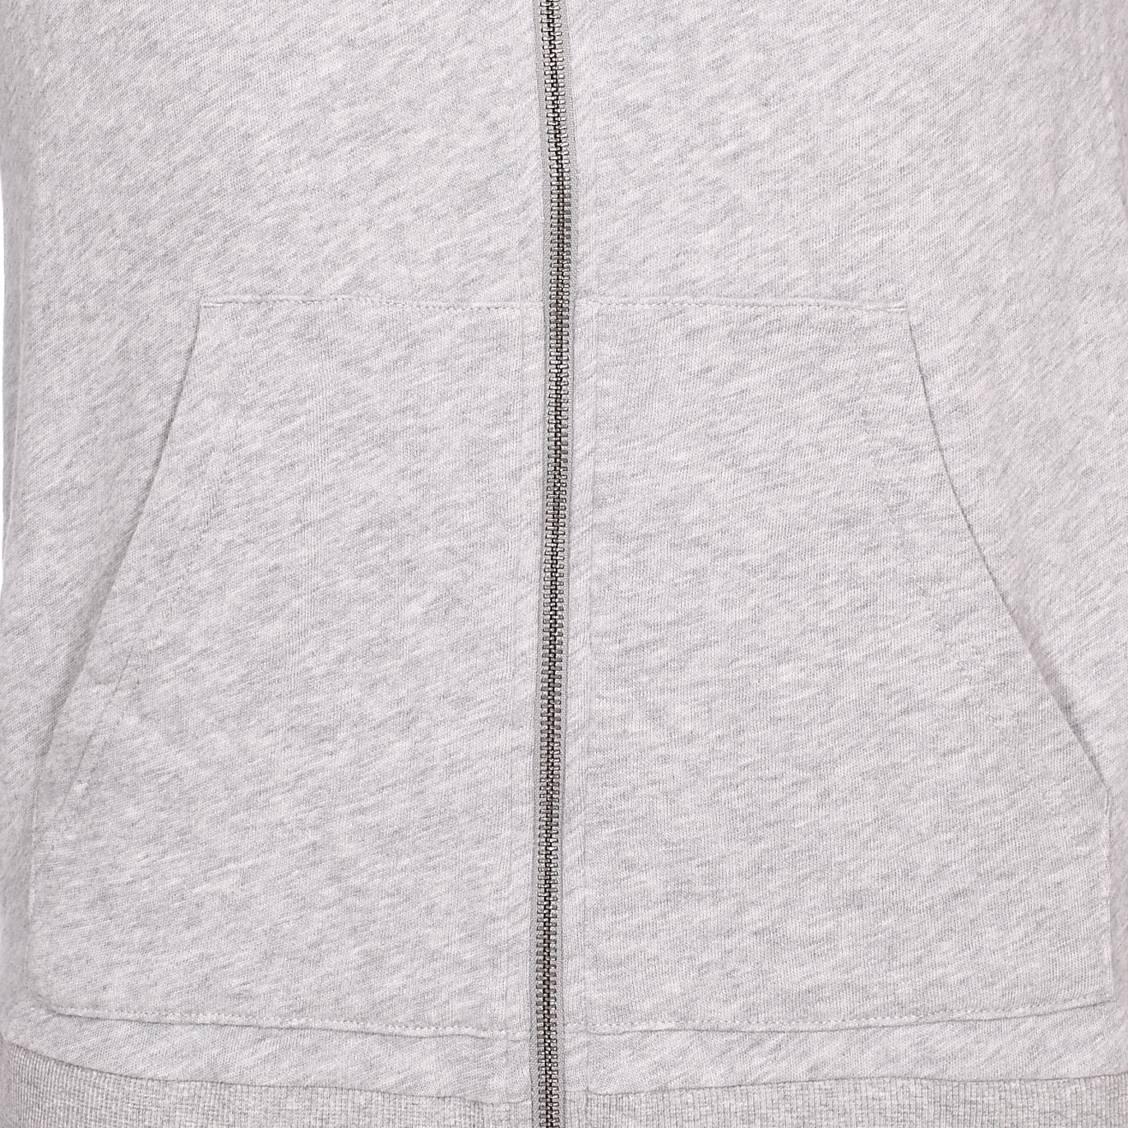 9dabdc7f266 ... Sweat à capuche zippé Calvin Klein en molleton gris chiné